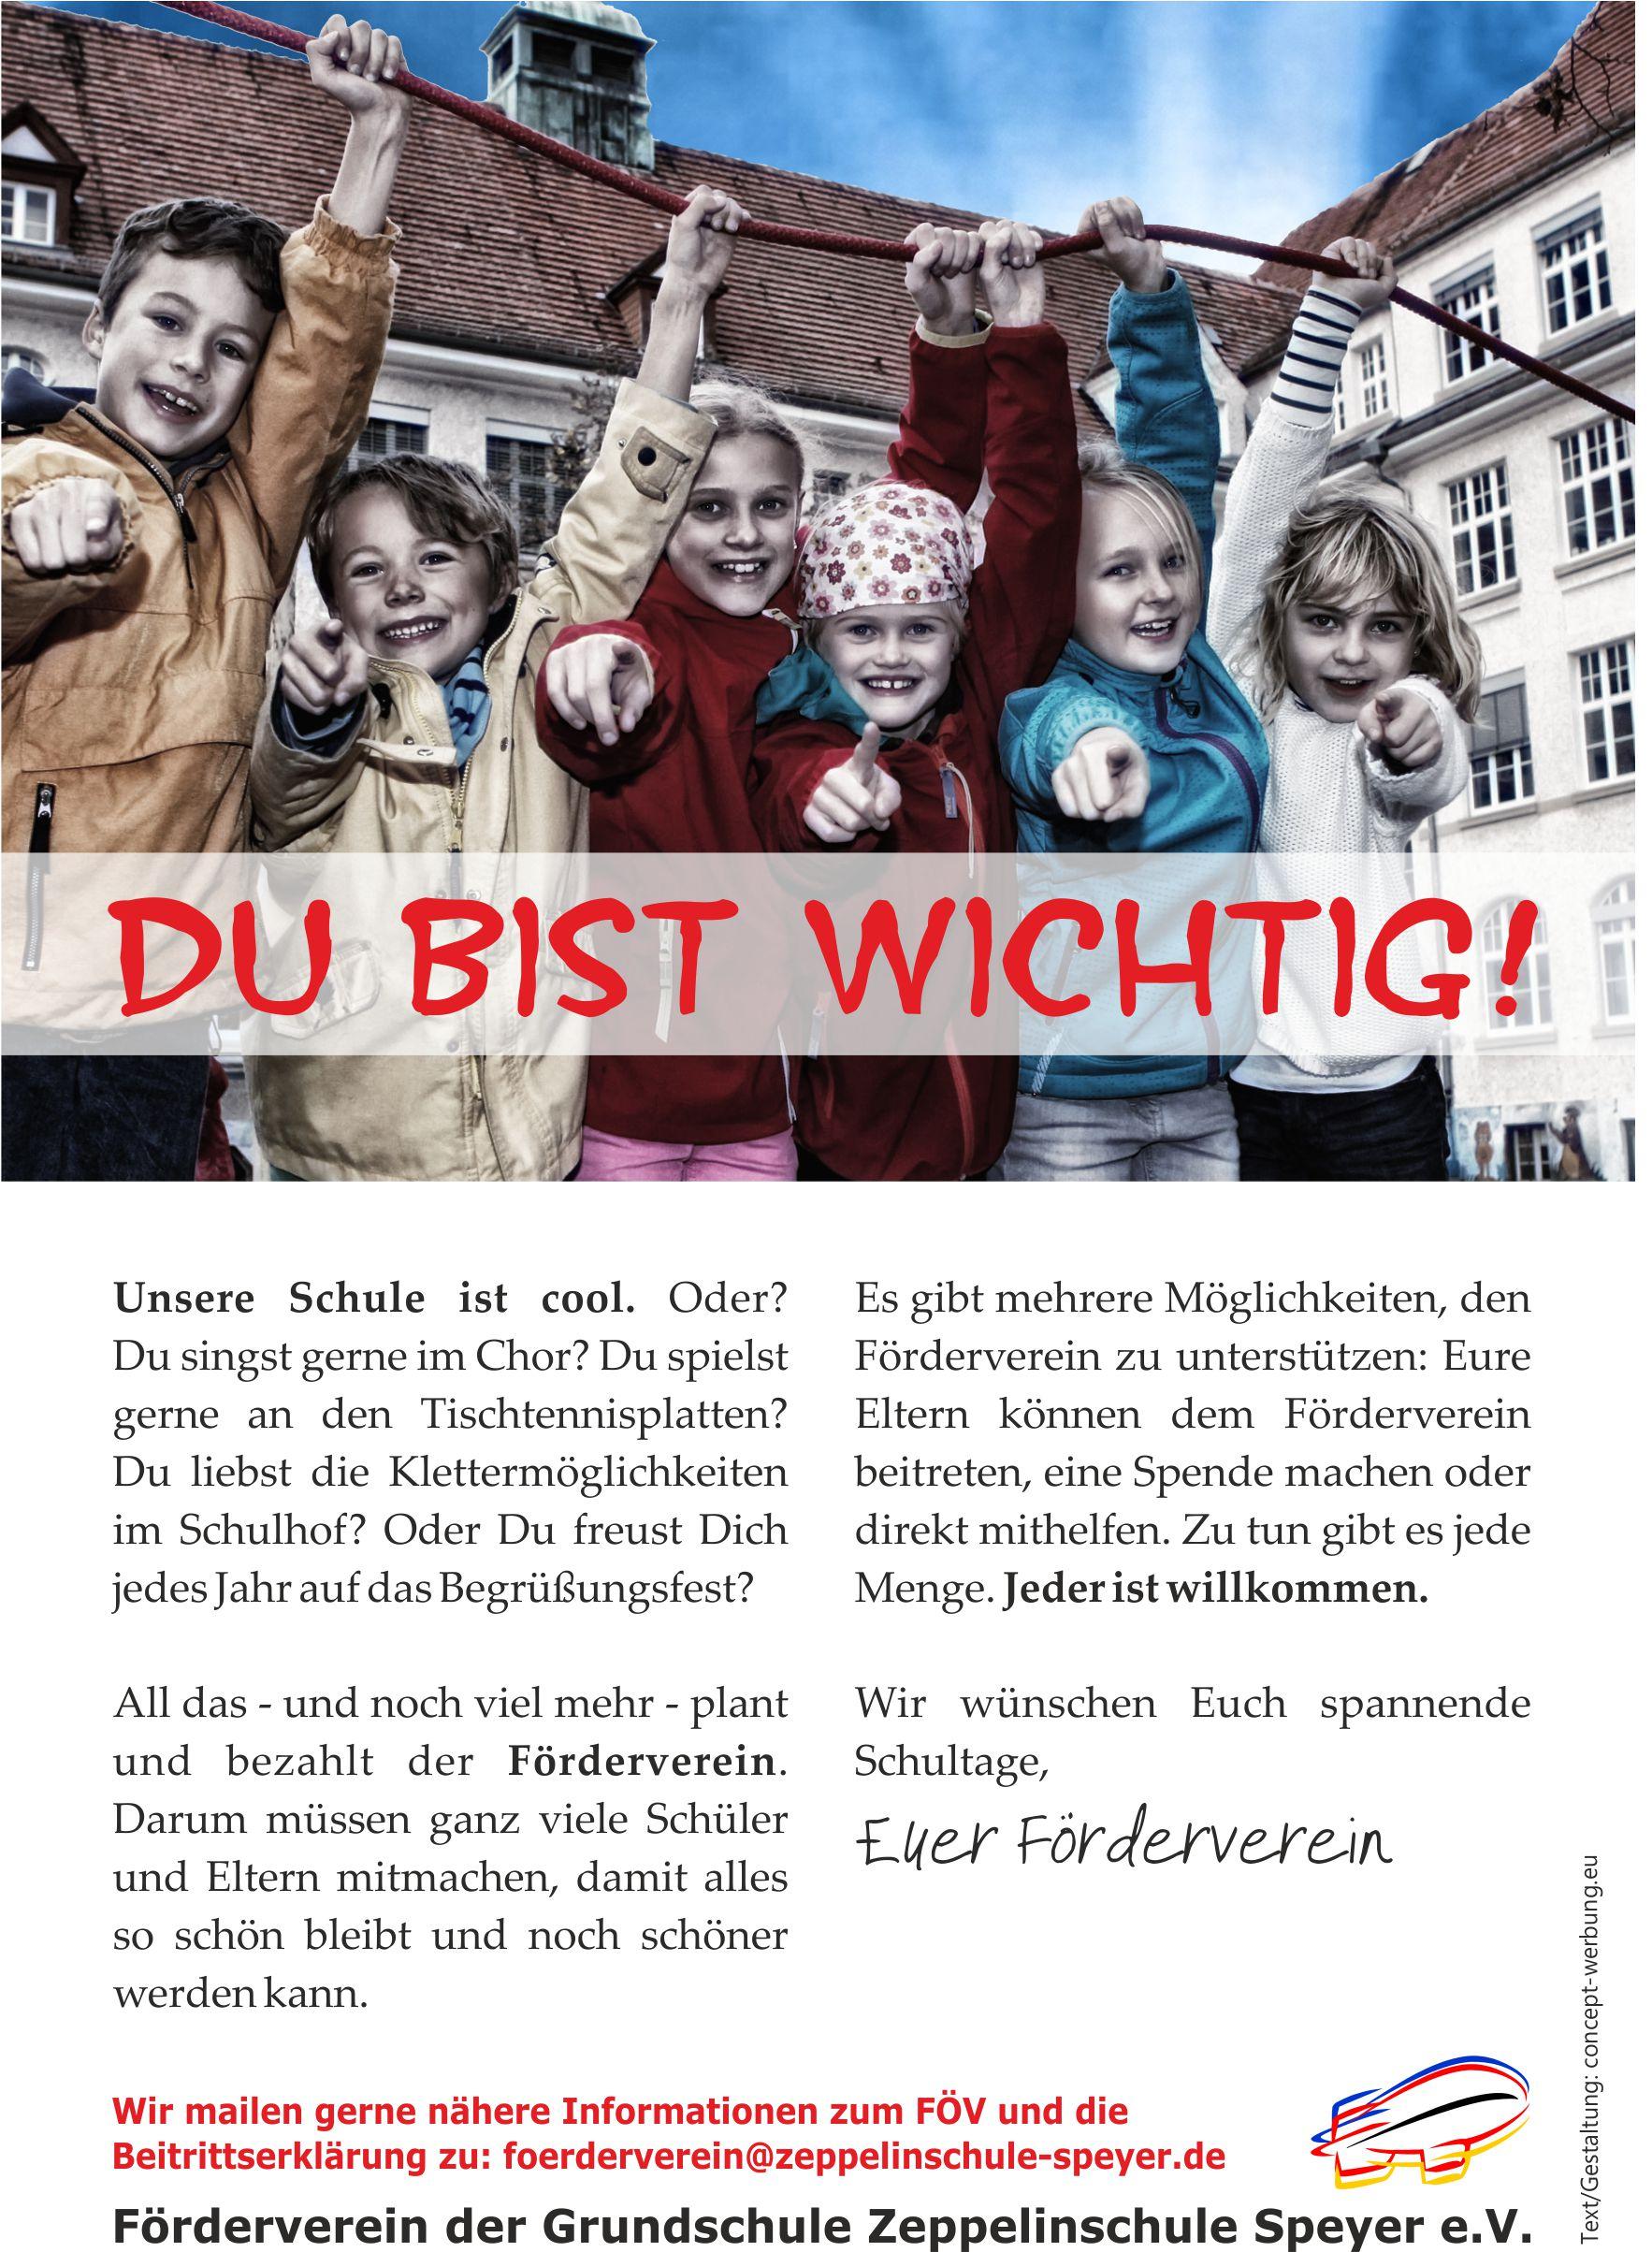 Keine gelingende Schule ohne Förderverein!